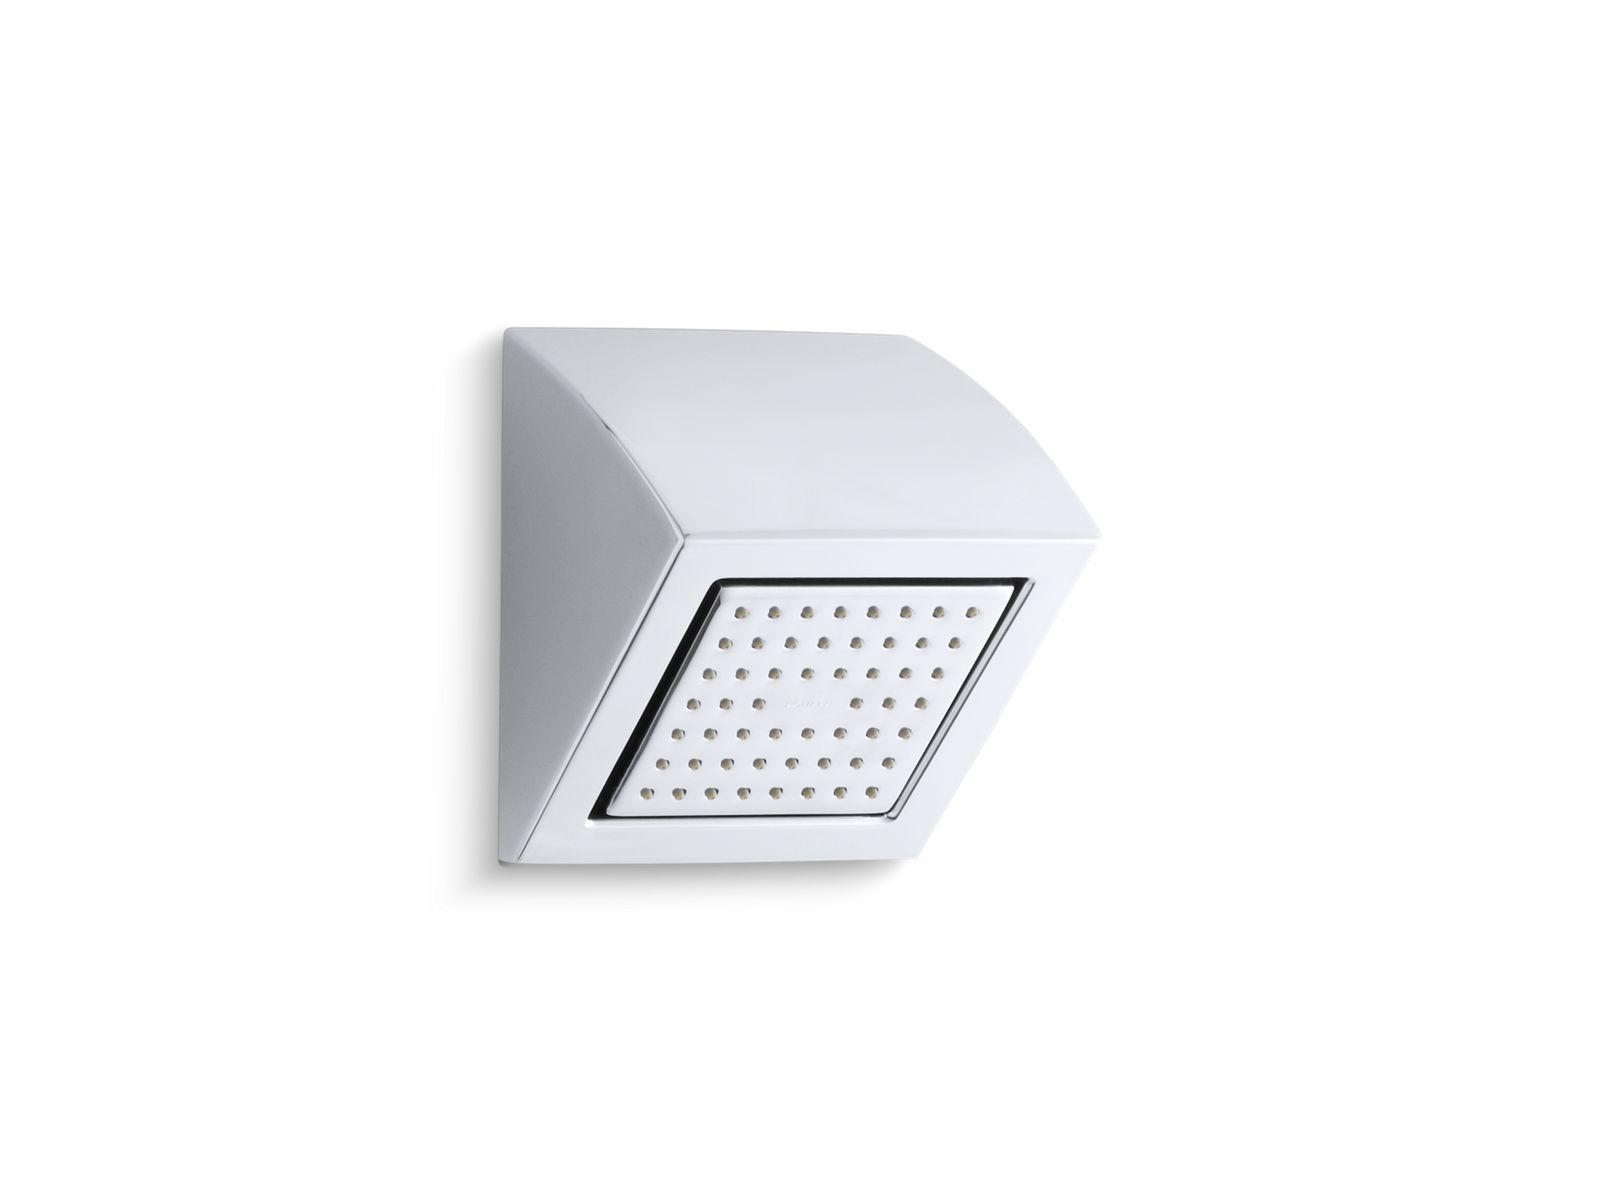 watertile square 54 nozzle showerhead